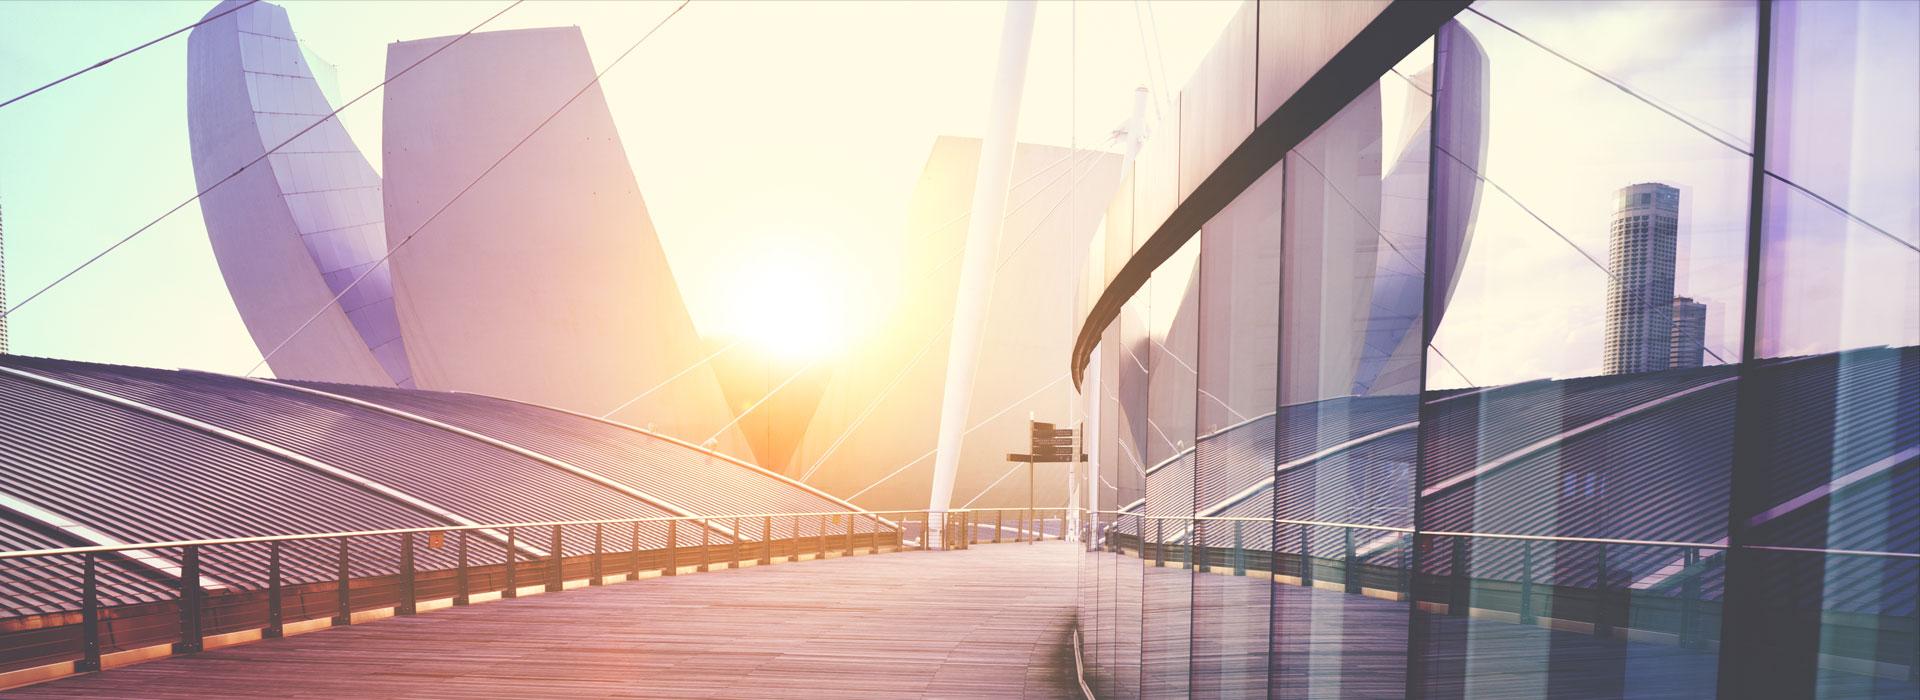 grattacielo di vetro al tramonto